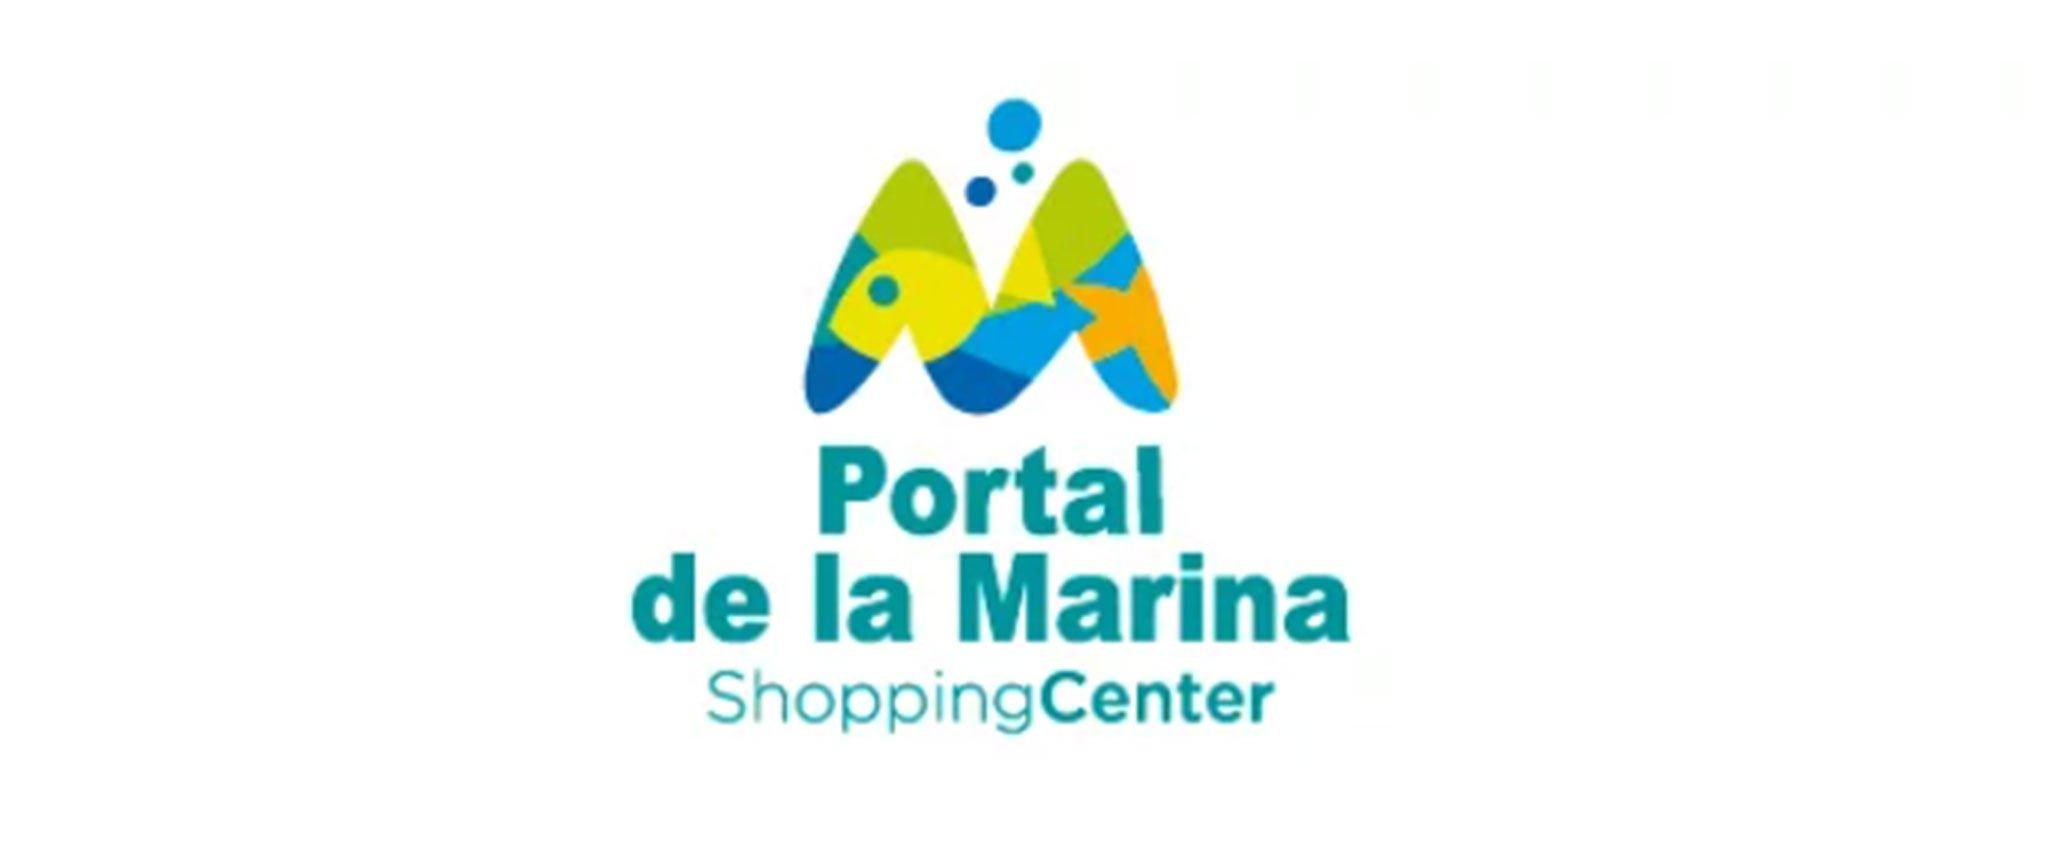 Logotipo de Portal de la Marina